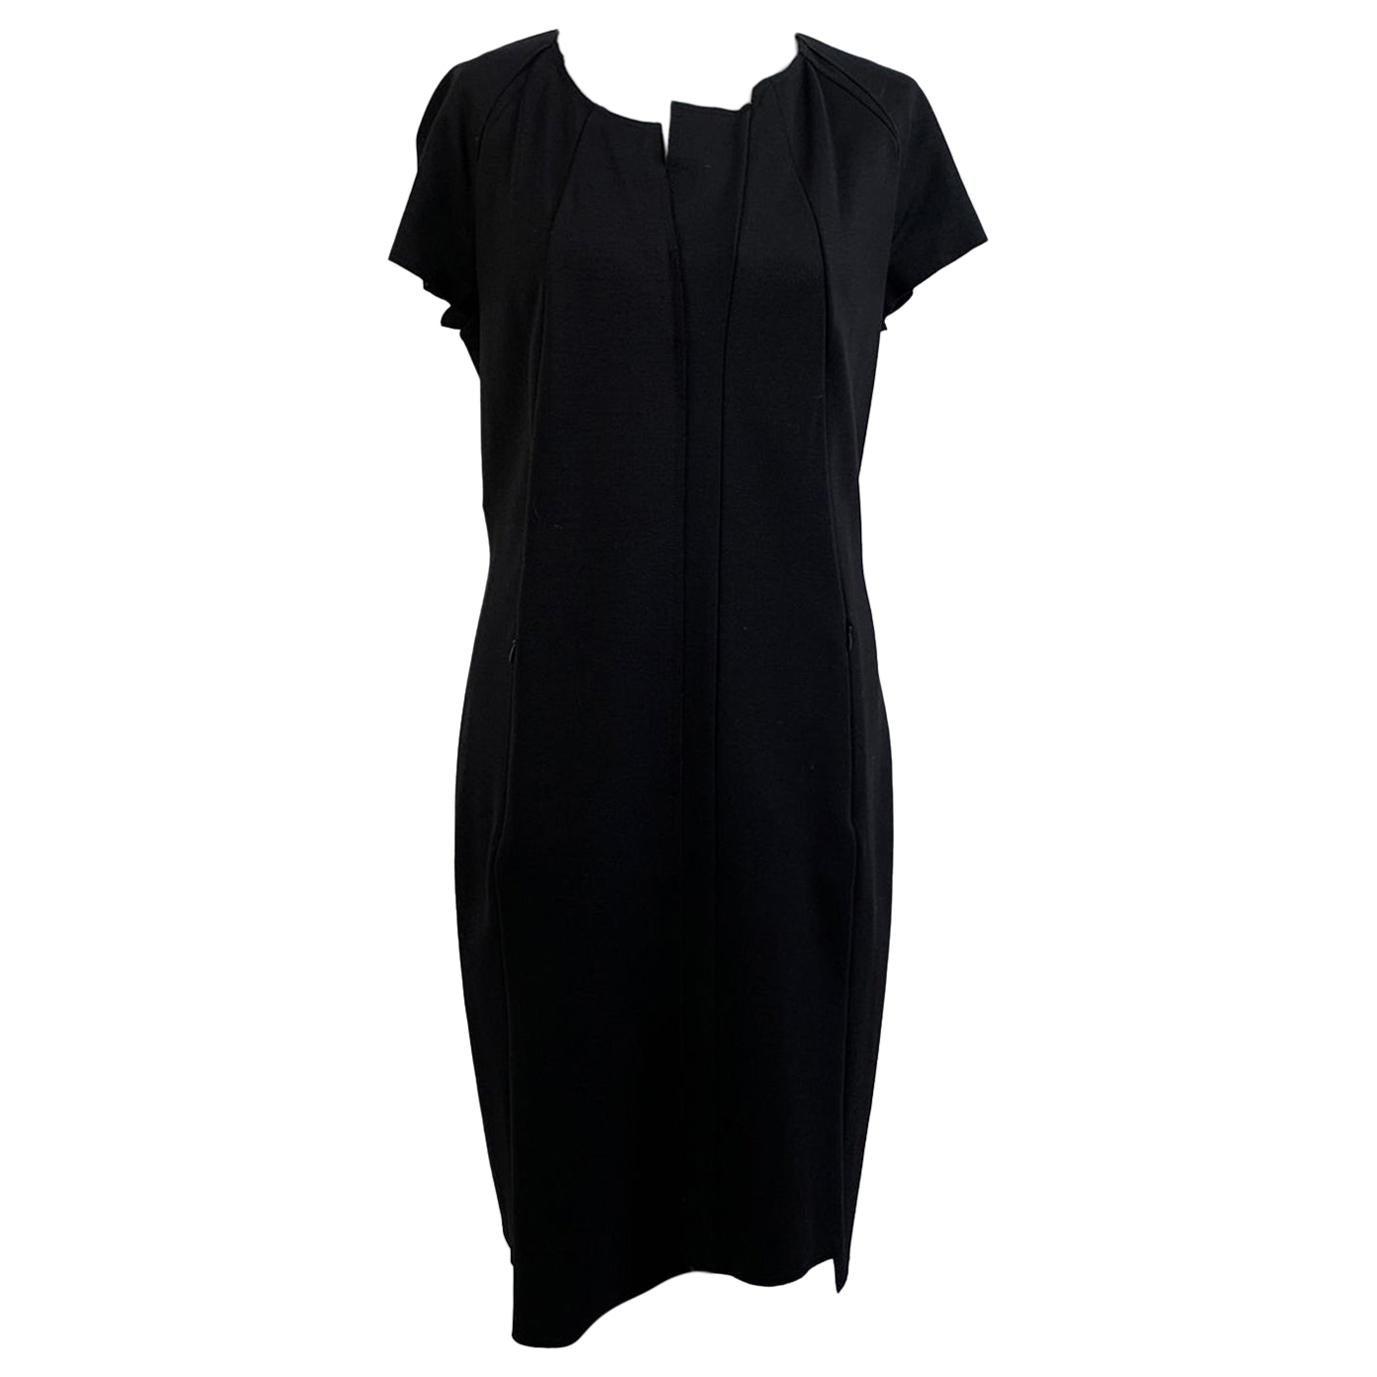 Jil Sander Black Sheath Short Sleeve Dress Size 40